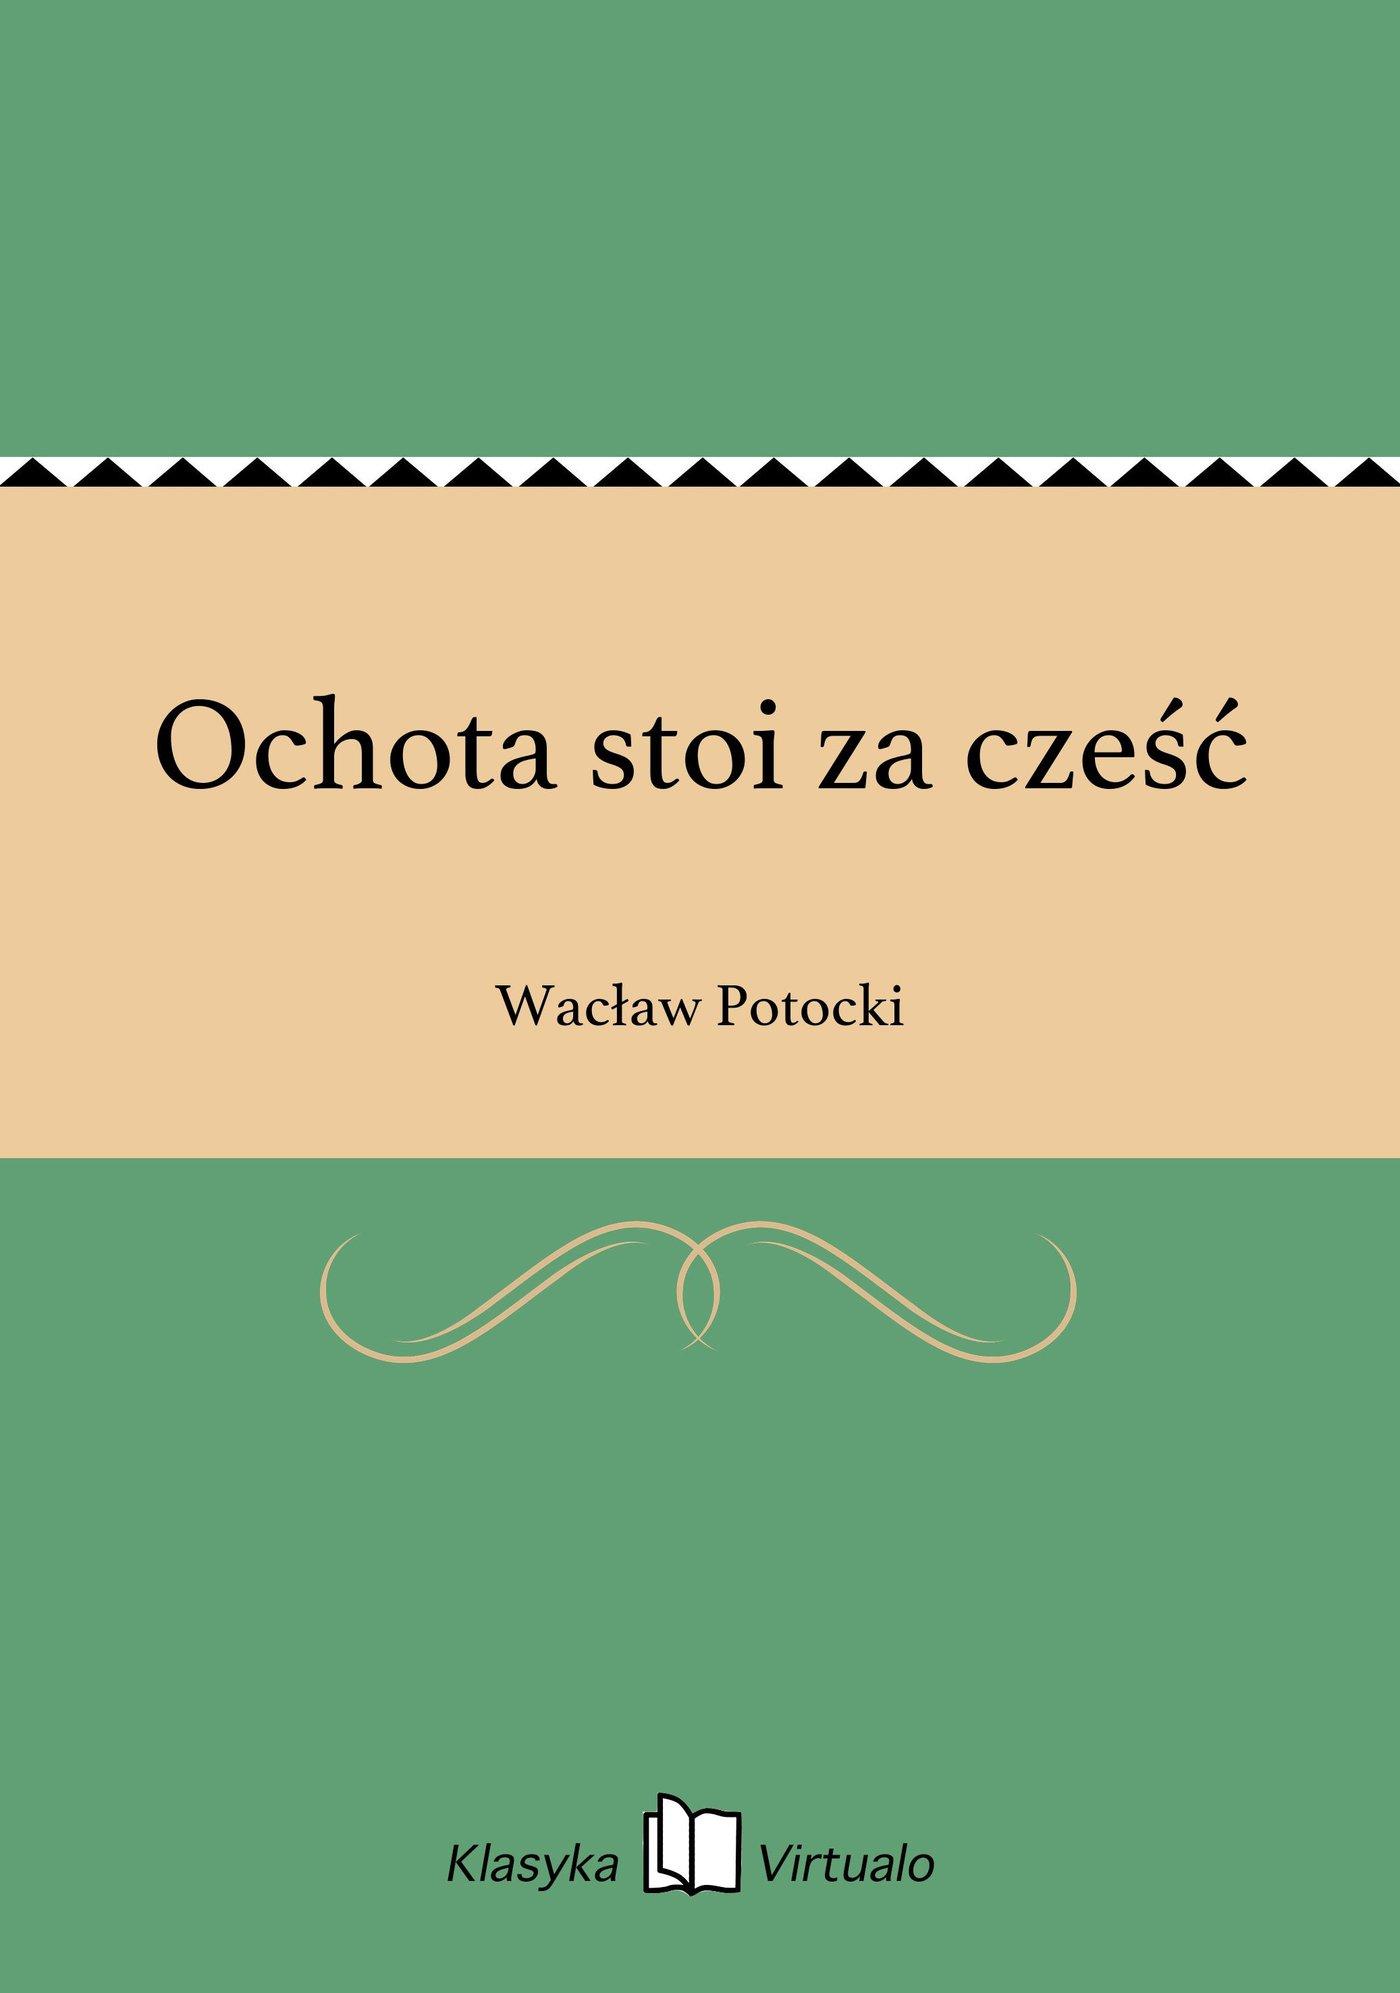 Ochota stoi za cześć - Ebook (Książka EPUB) do pobrania w formacie EPUB